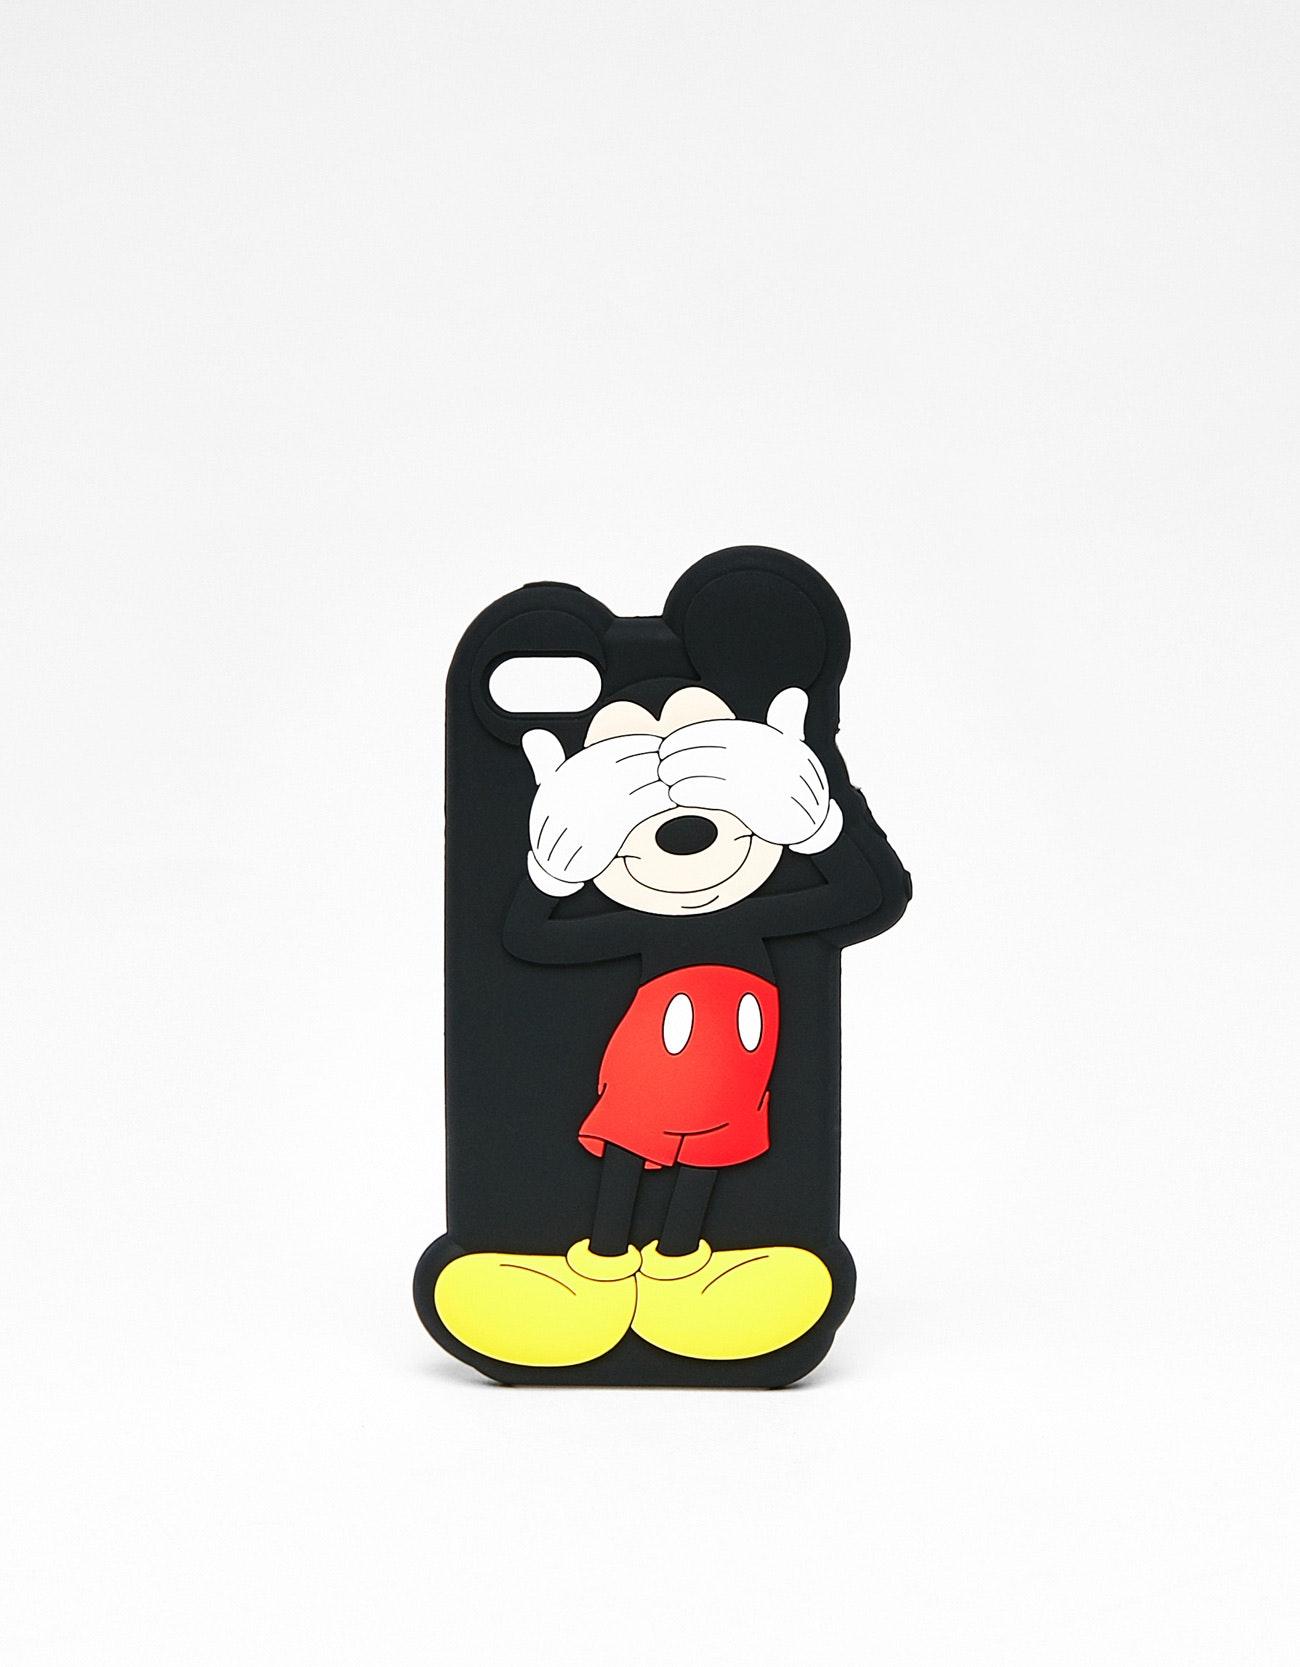 Capa para telemóvel, Berhska, 9,99€